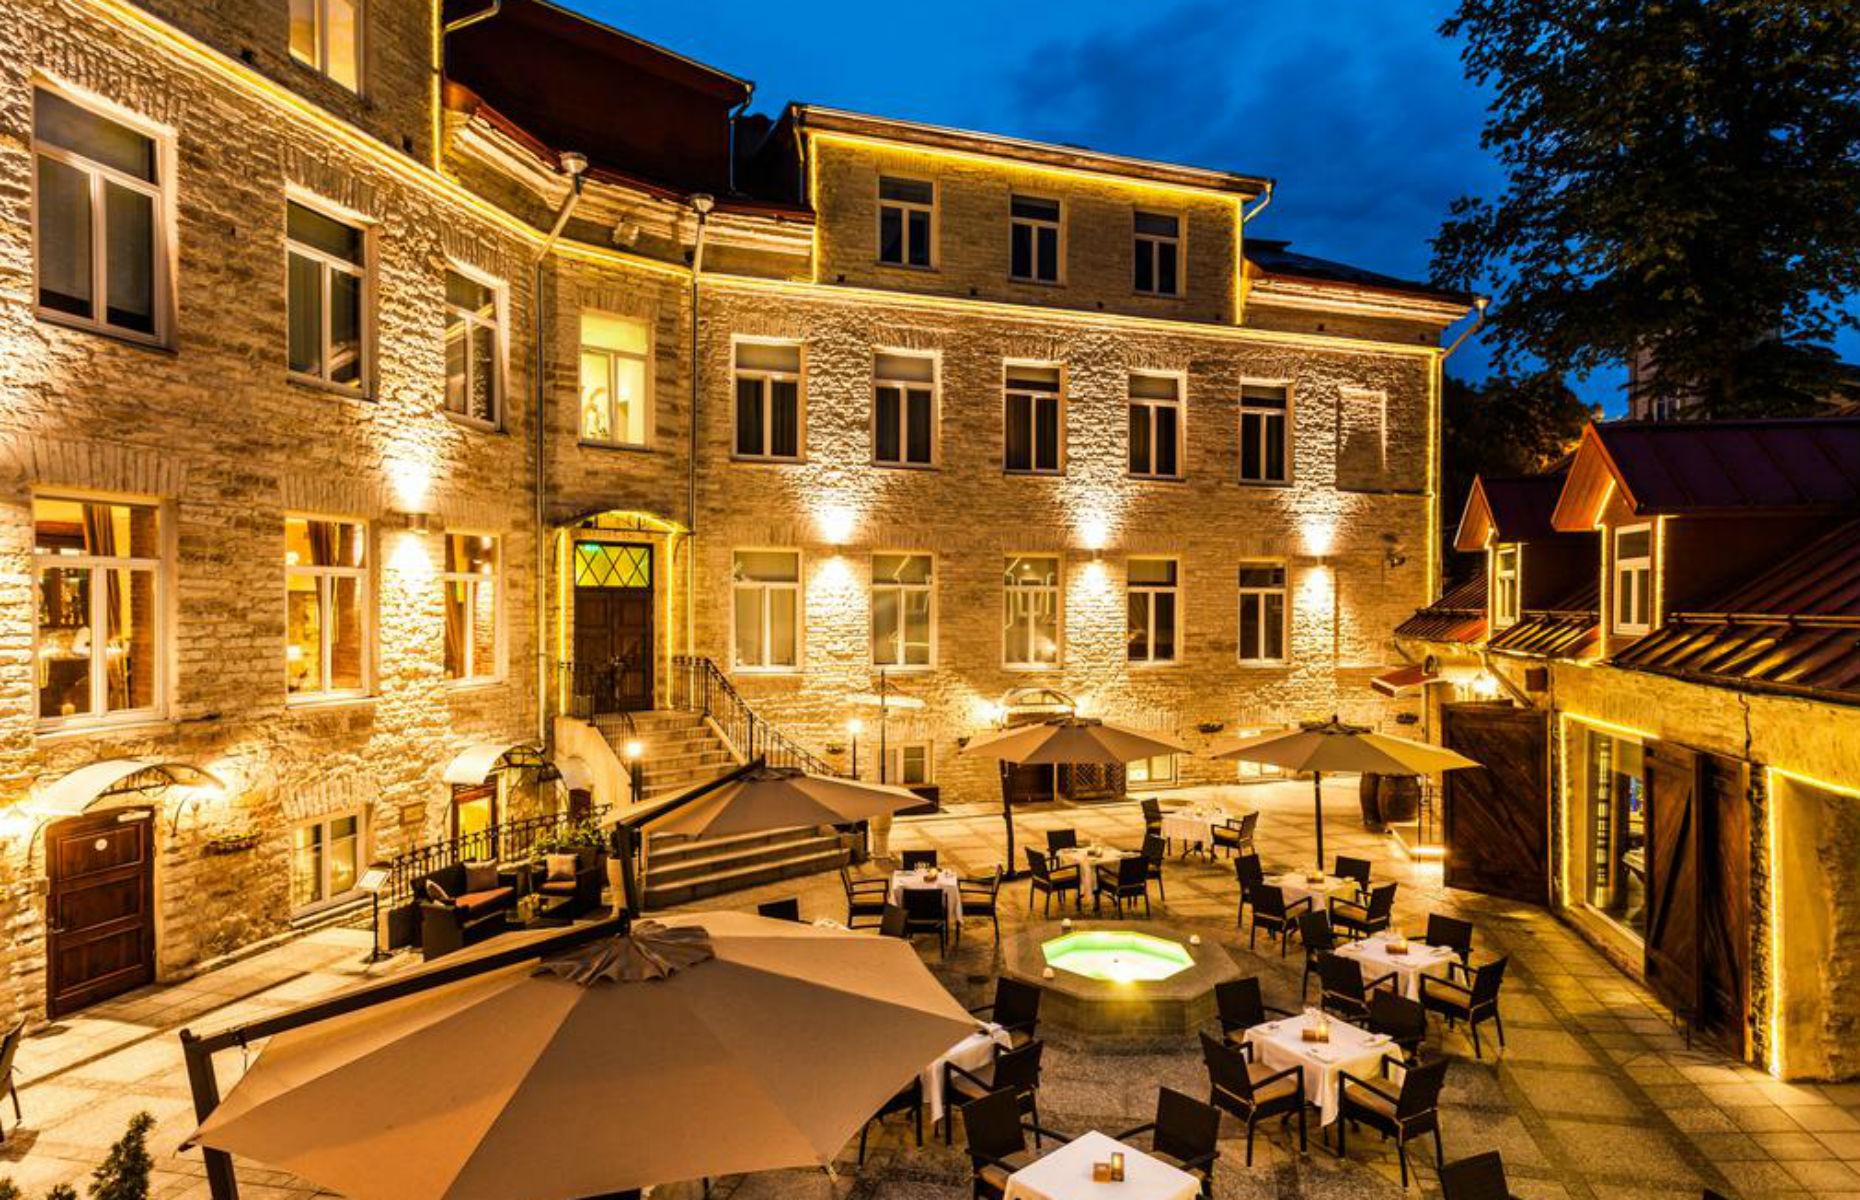 Von Stackleberg Hotel